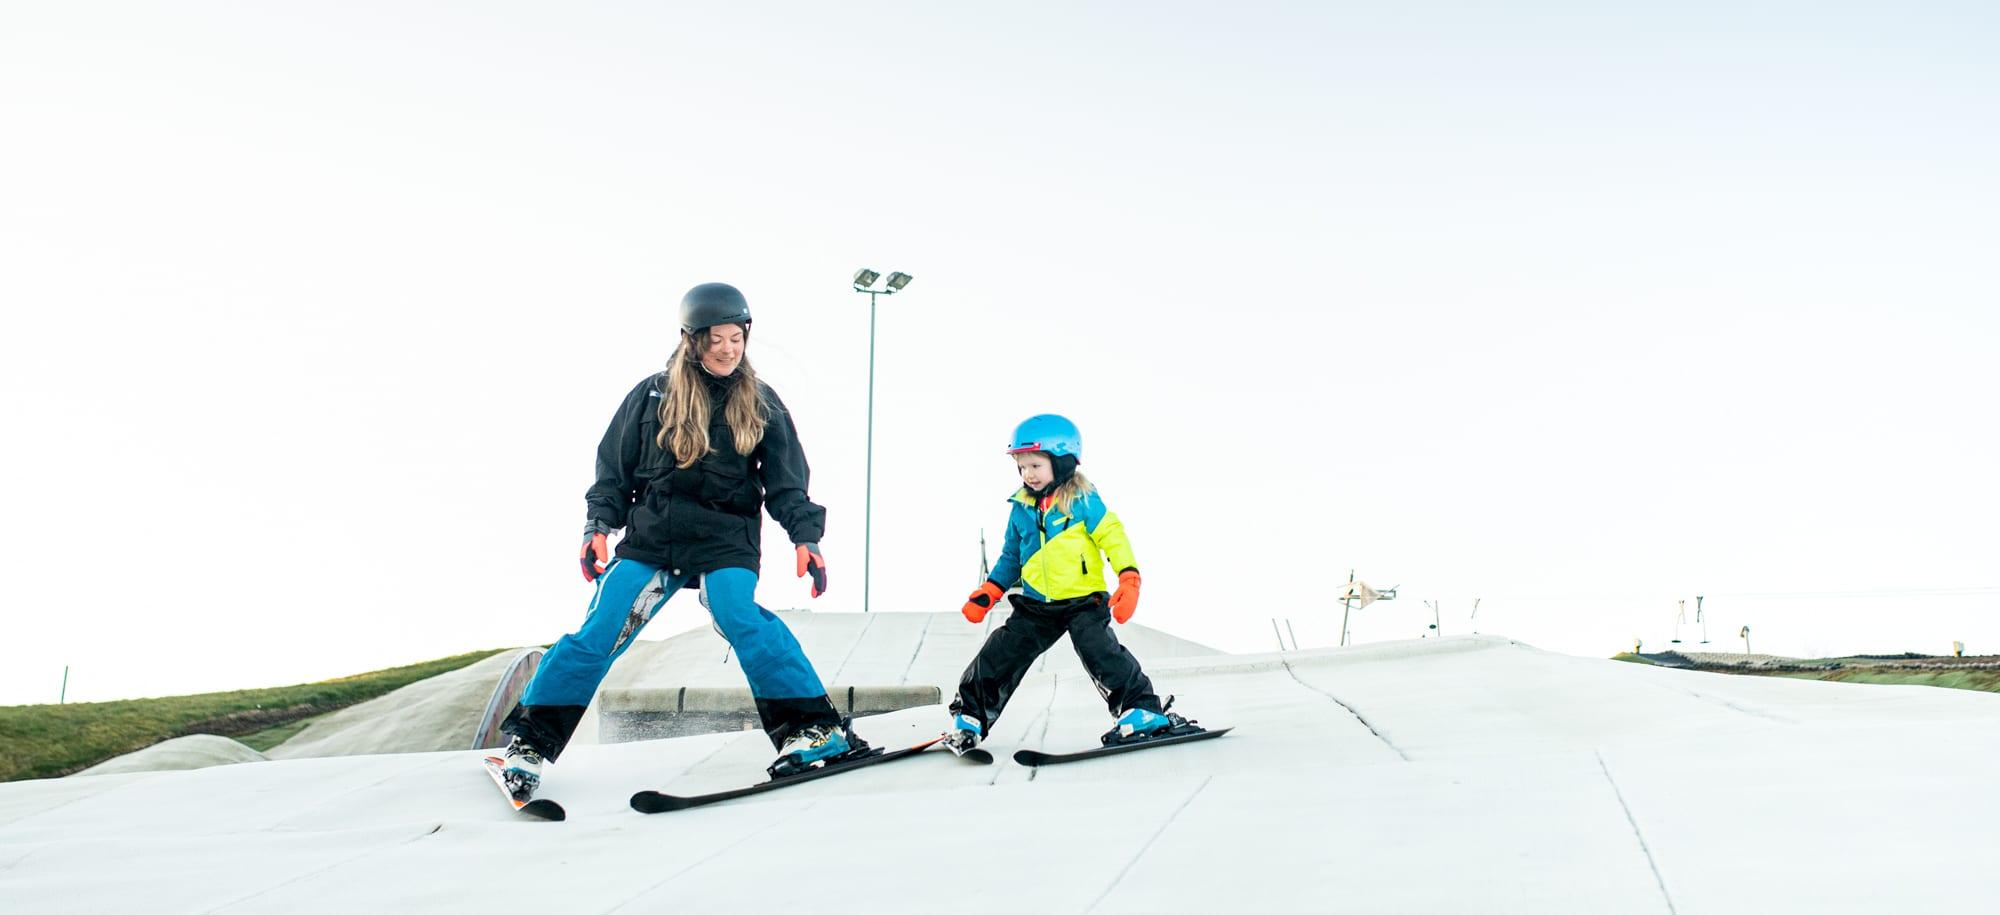 snowsports-banner-background-2000-915